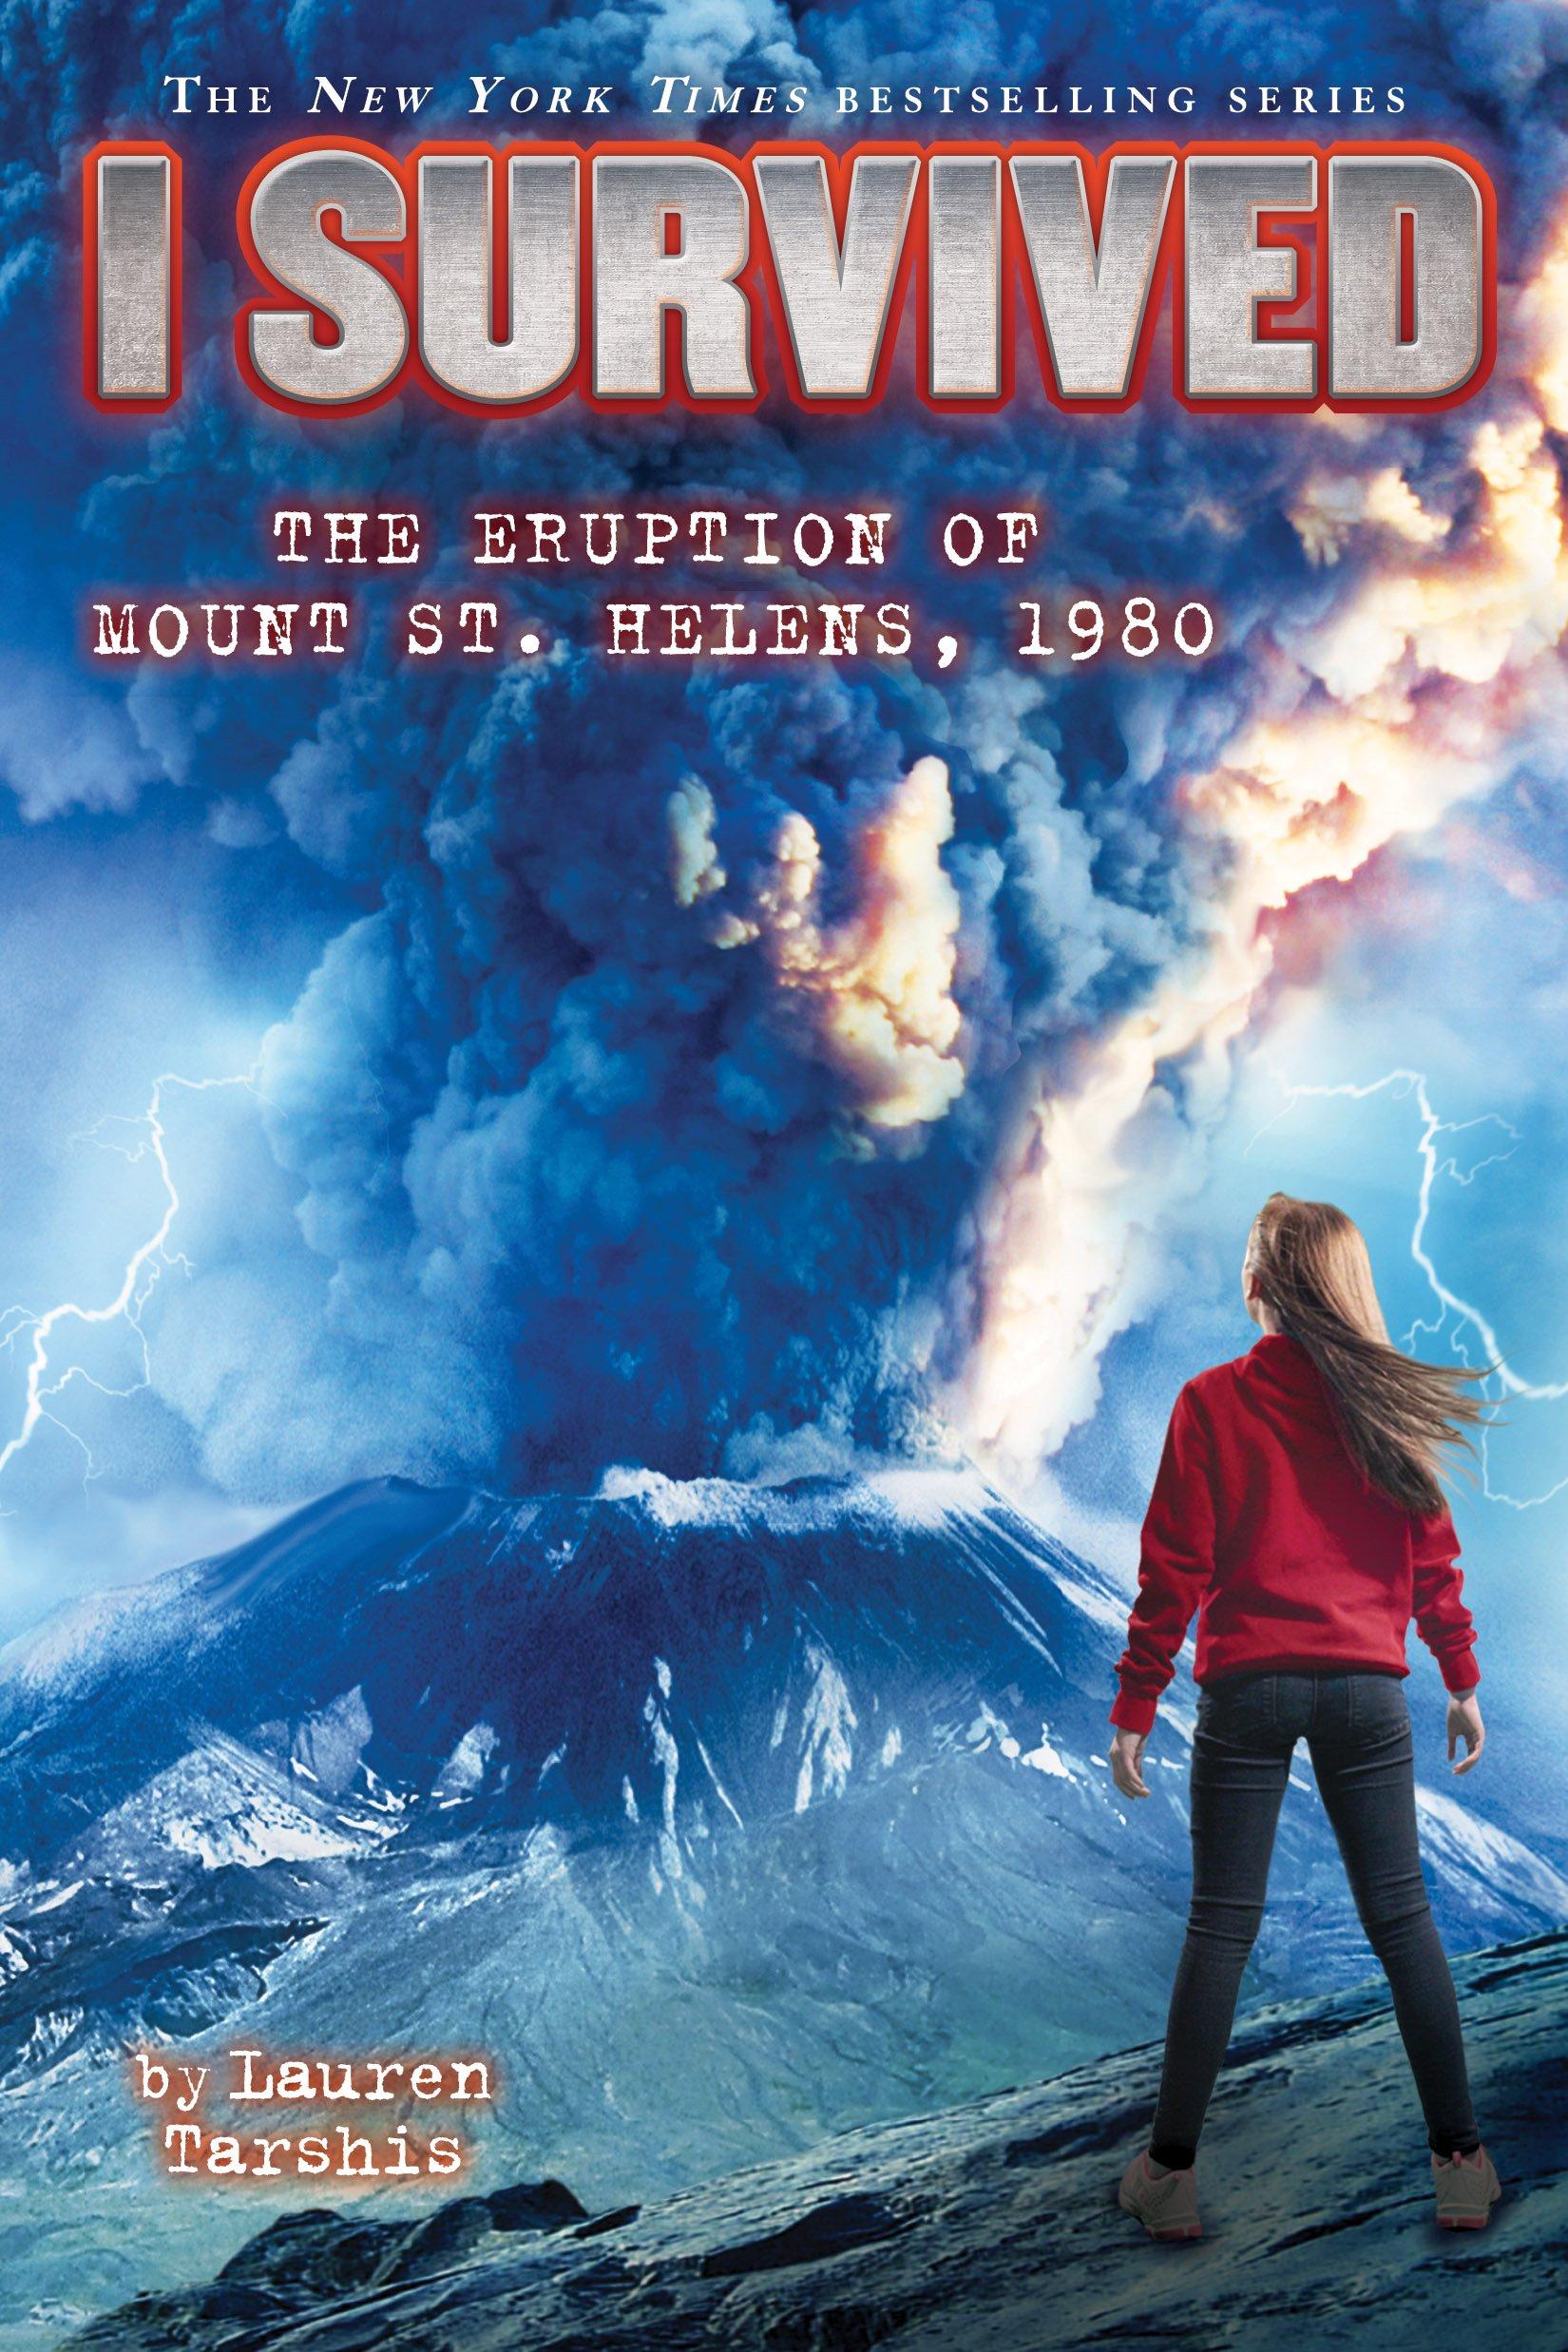 janet-tarshis-i-survived-eruption-mount-st-helens.jpg